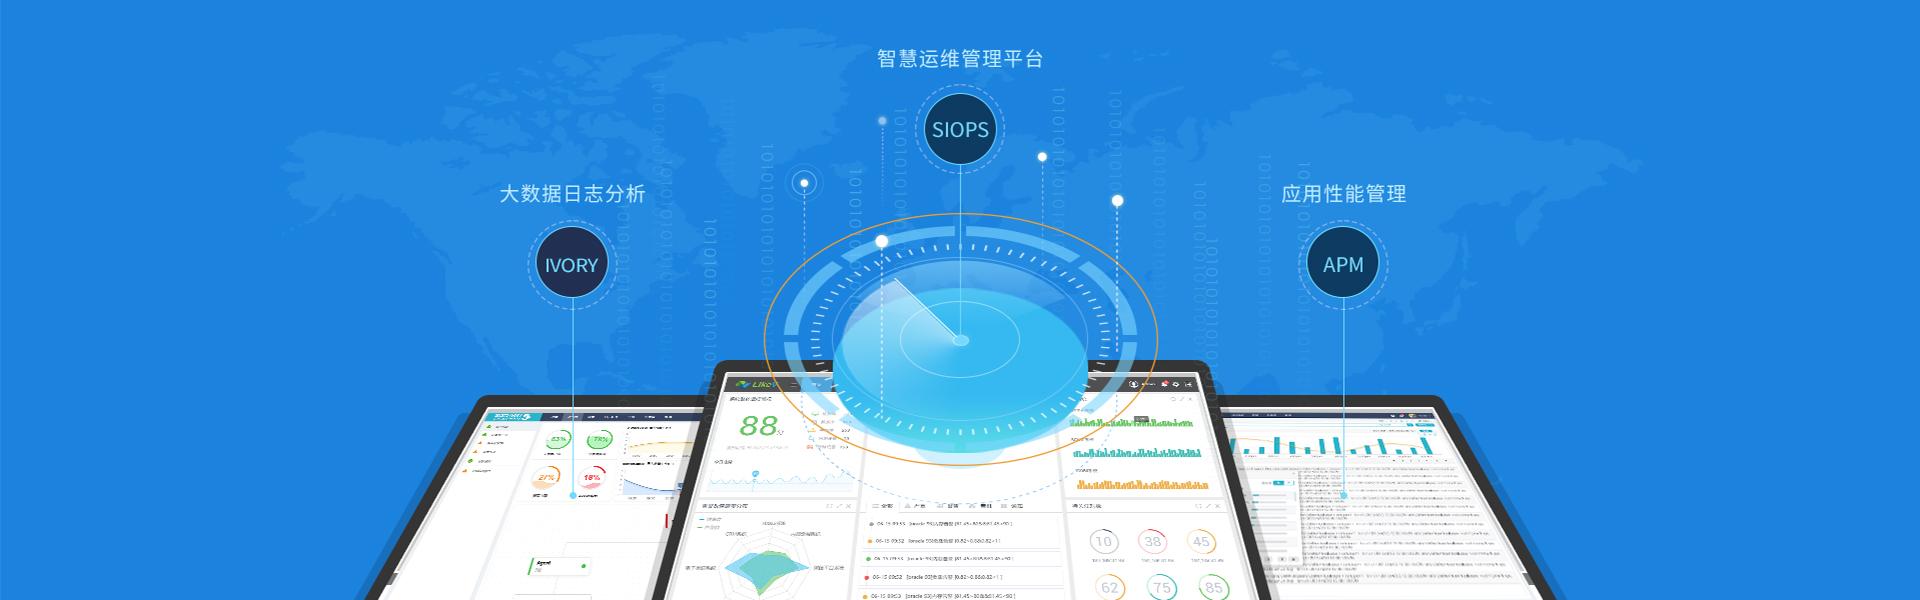 12bet.com网络服务:12bet官网app资产管理、系统12bet app、运营外包